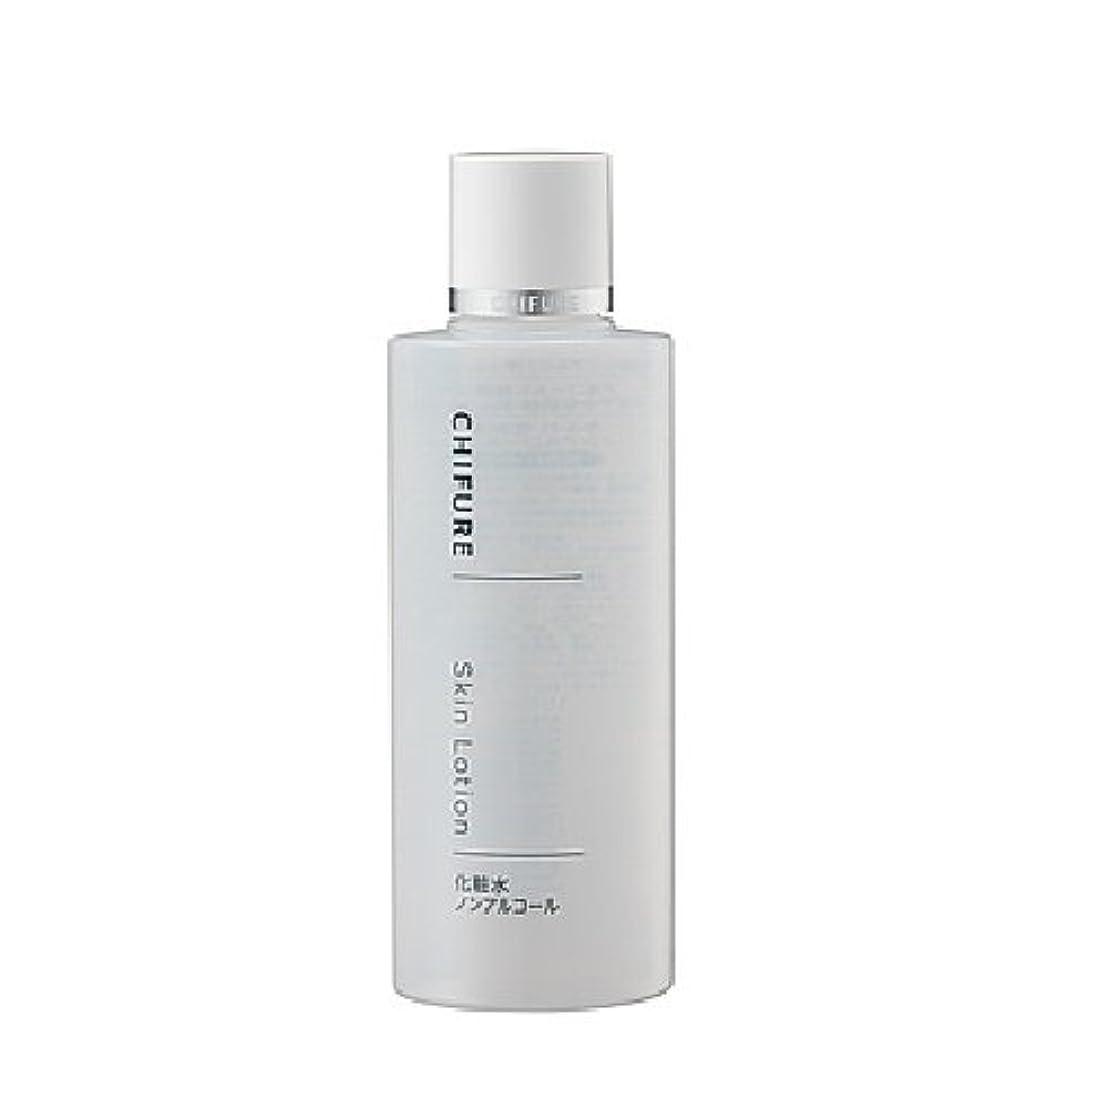 不利木材合併症ちふれ化粧品 化粧水 ノンアルコールタイプ 180ML